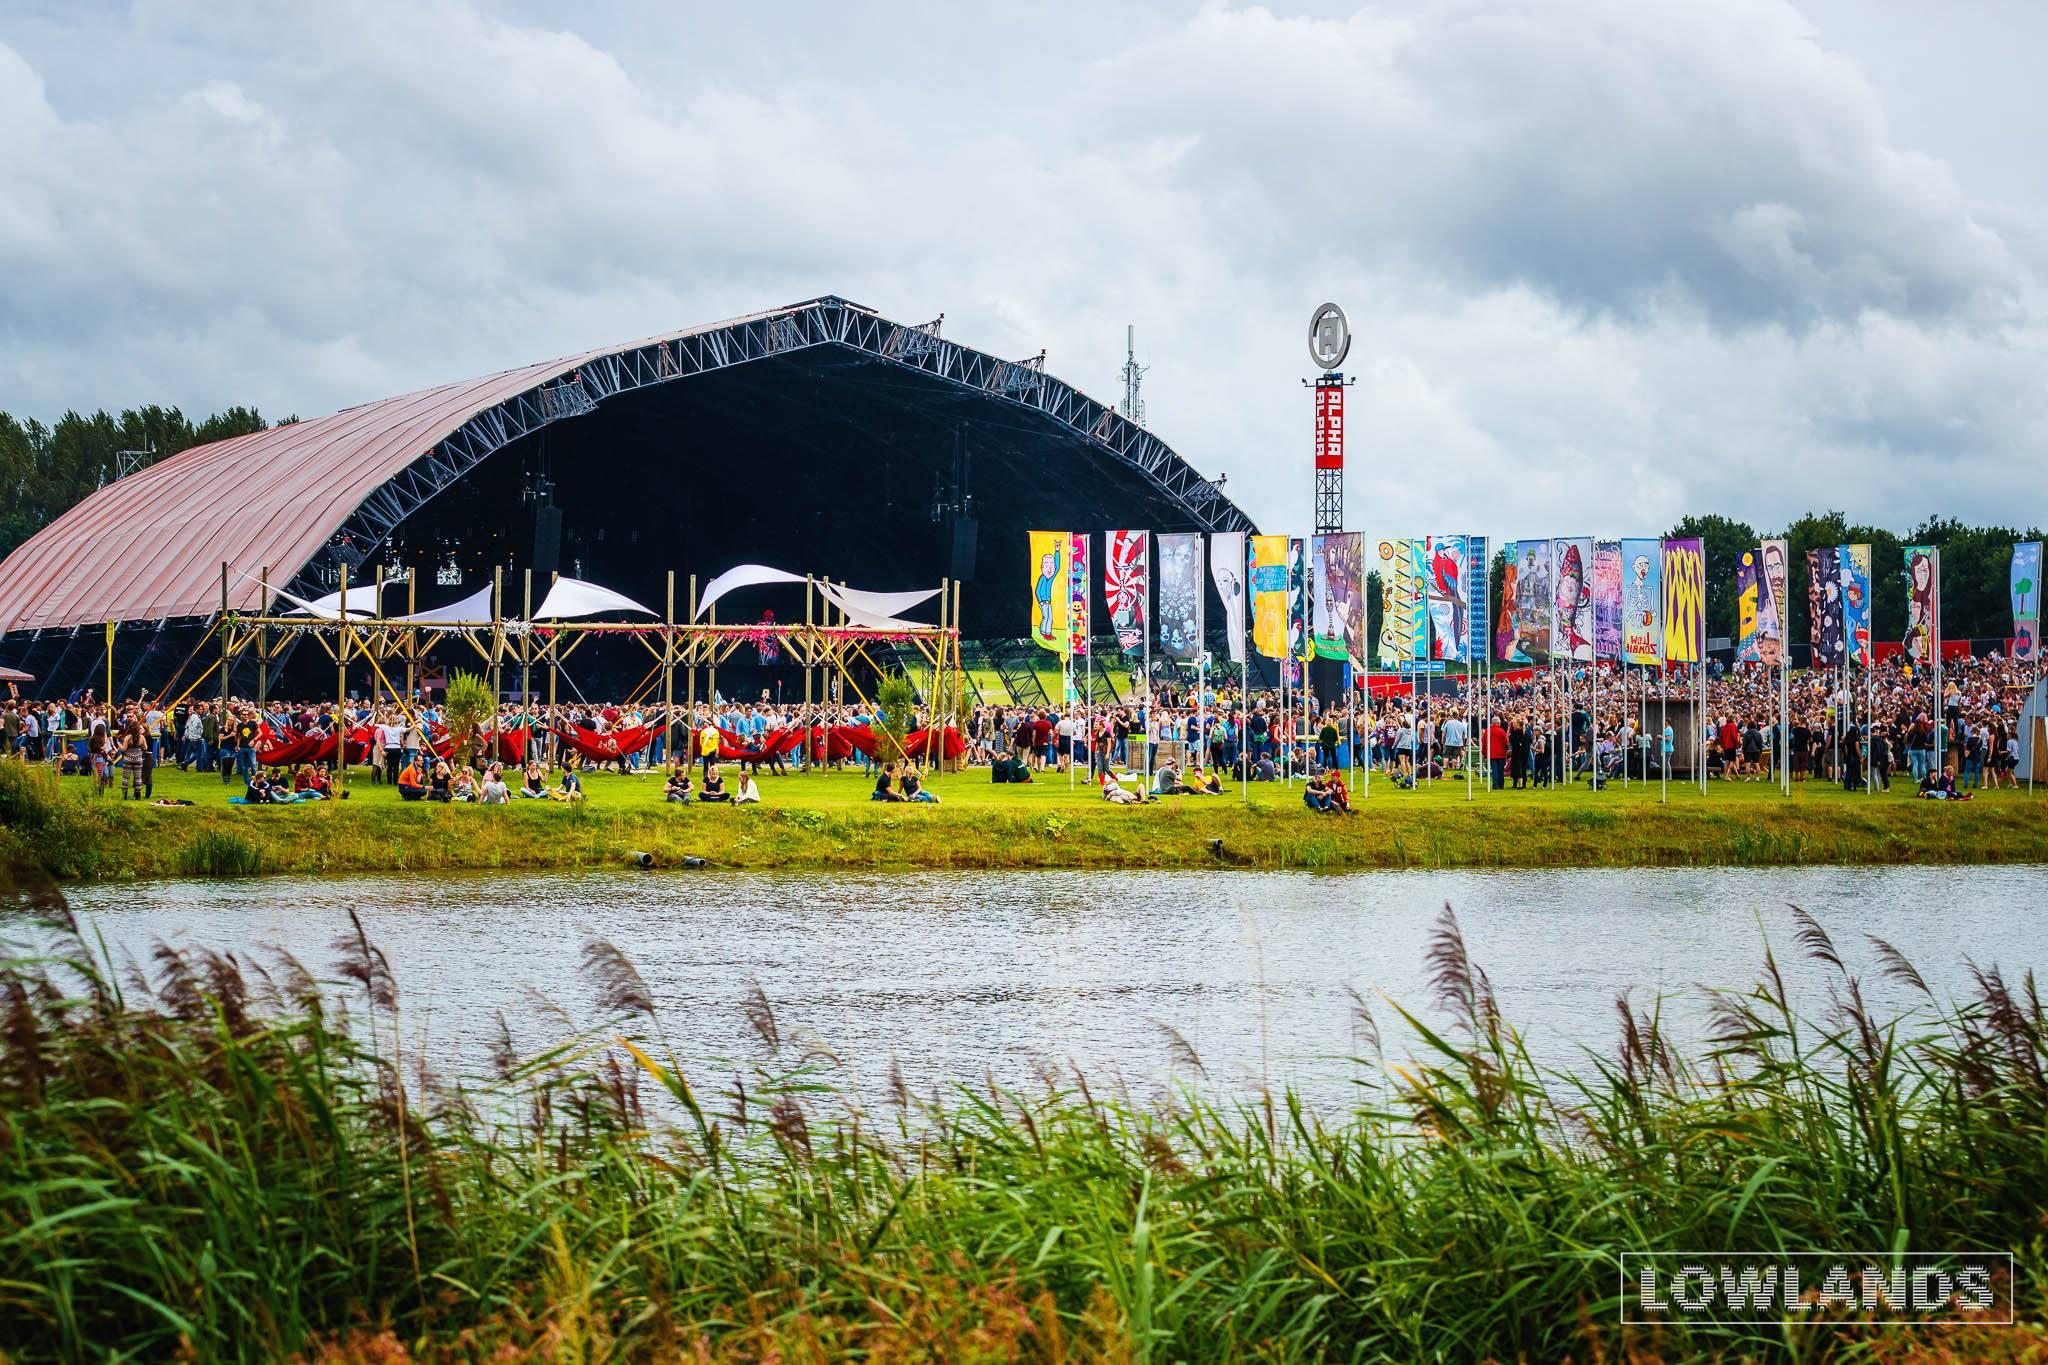 werken op lowlands en festivals